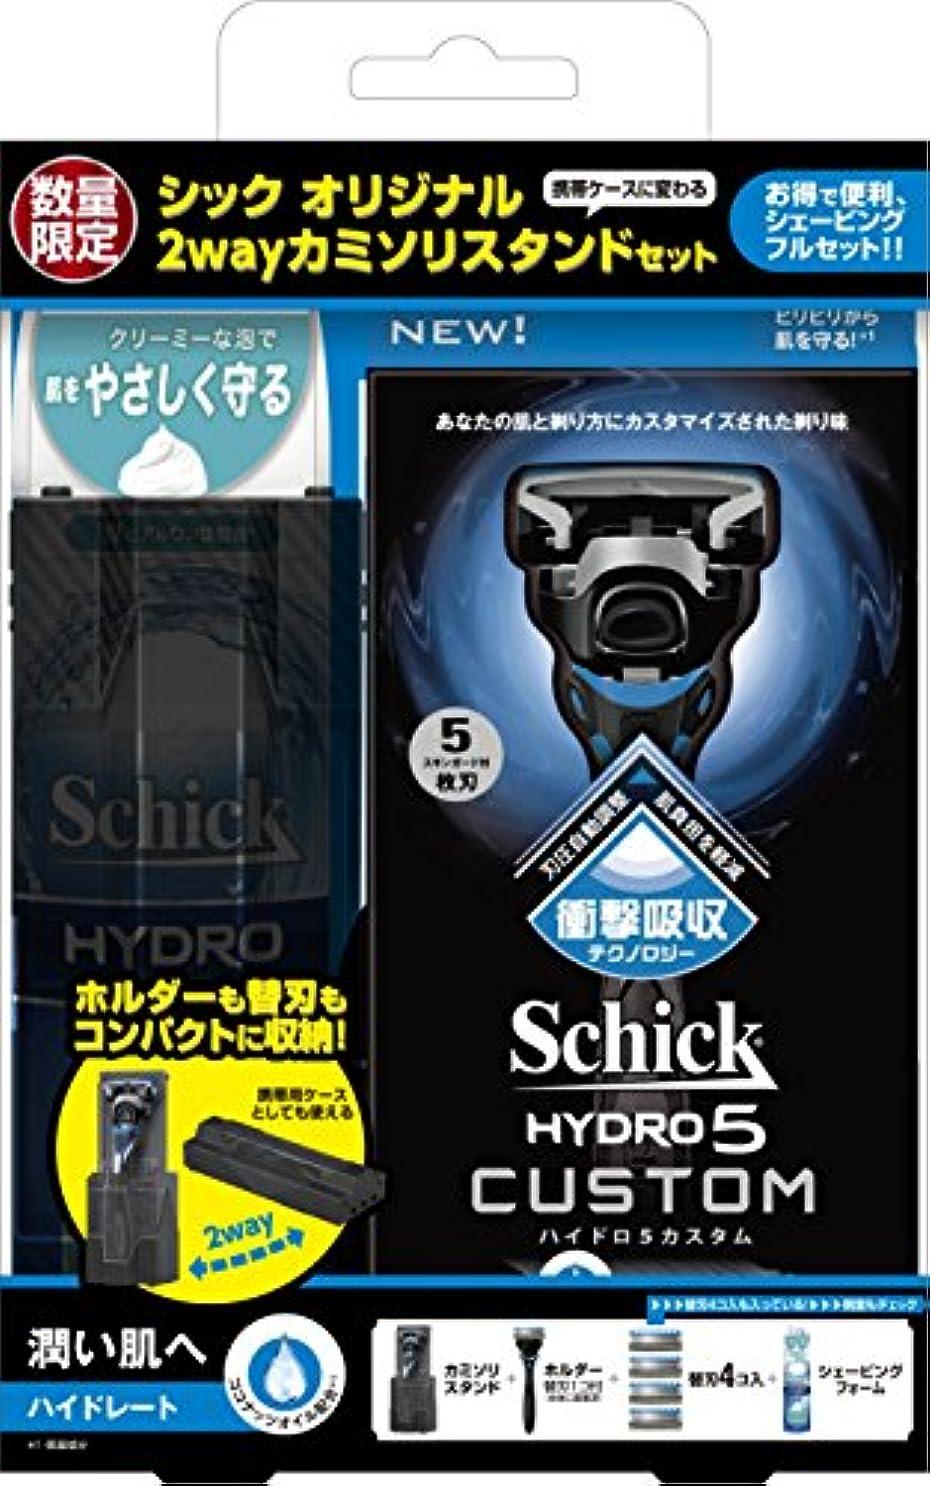 しなければならないキュービック管理しますシック Schick 5枚刃 ハイドロ5 カスタム ハイドレート スペシャルパック 替刃5コ付 (替刃は本体に装着済み) 男性 カミソリ